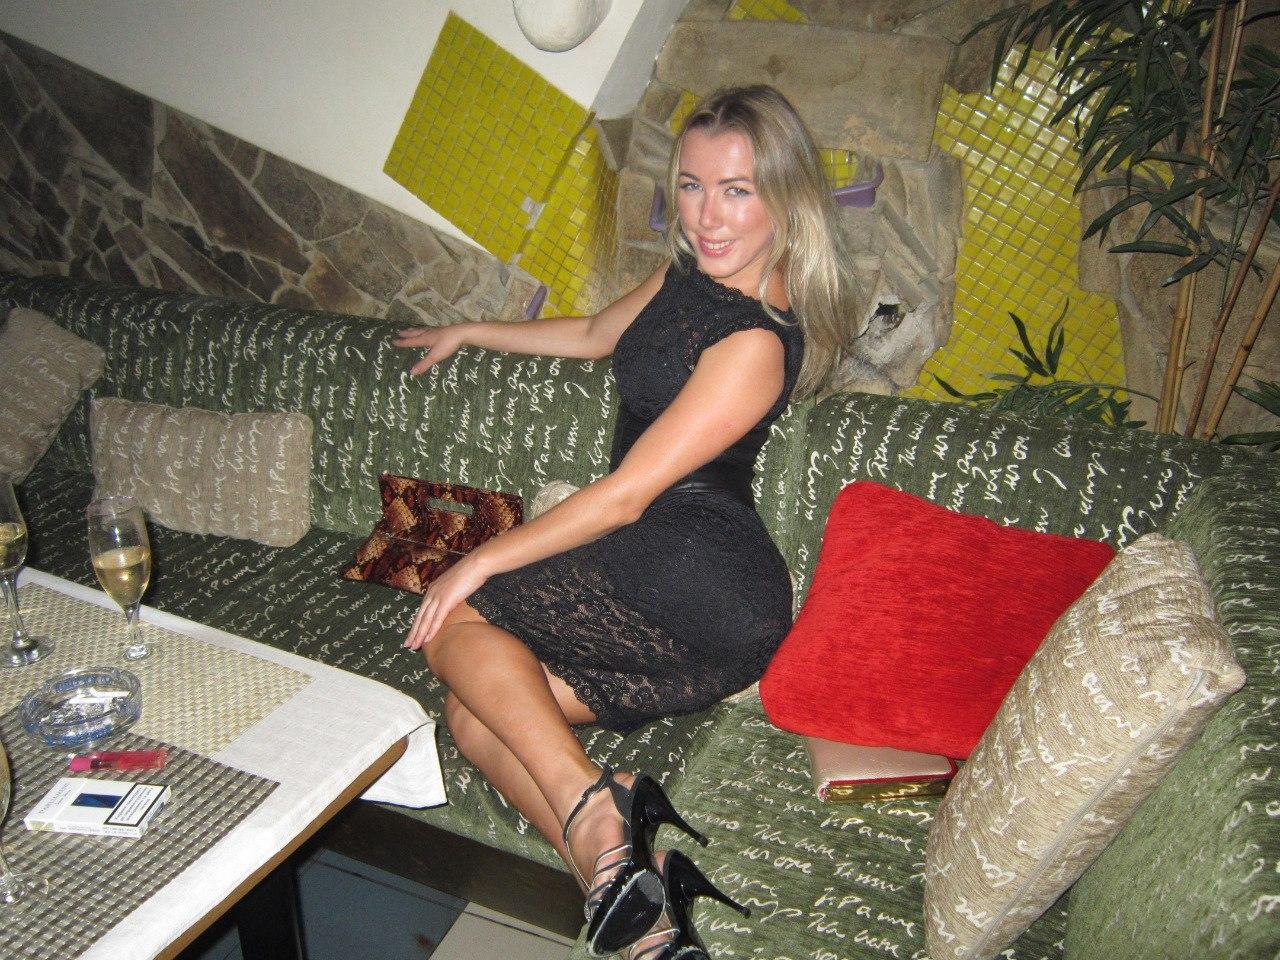 Хочу куни брянск, Секс без обязательств в Брянске: бесплатные знакомства 29 фотография